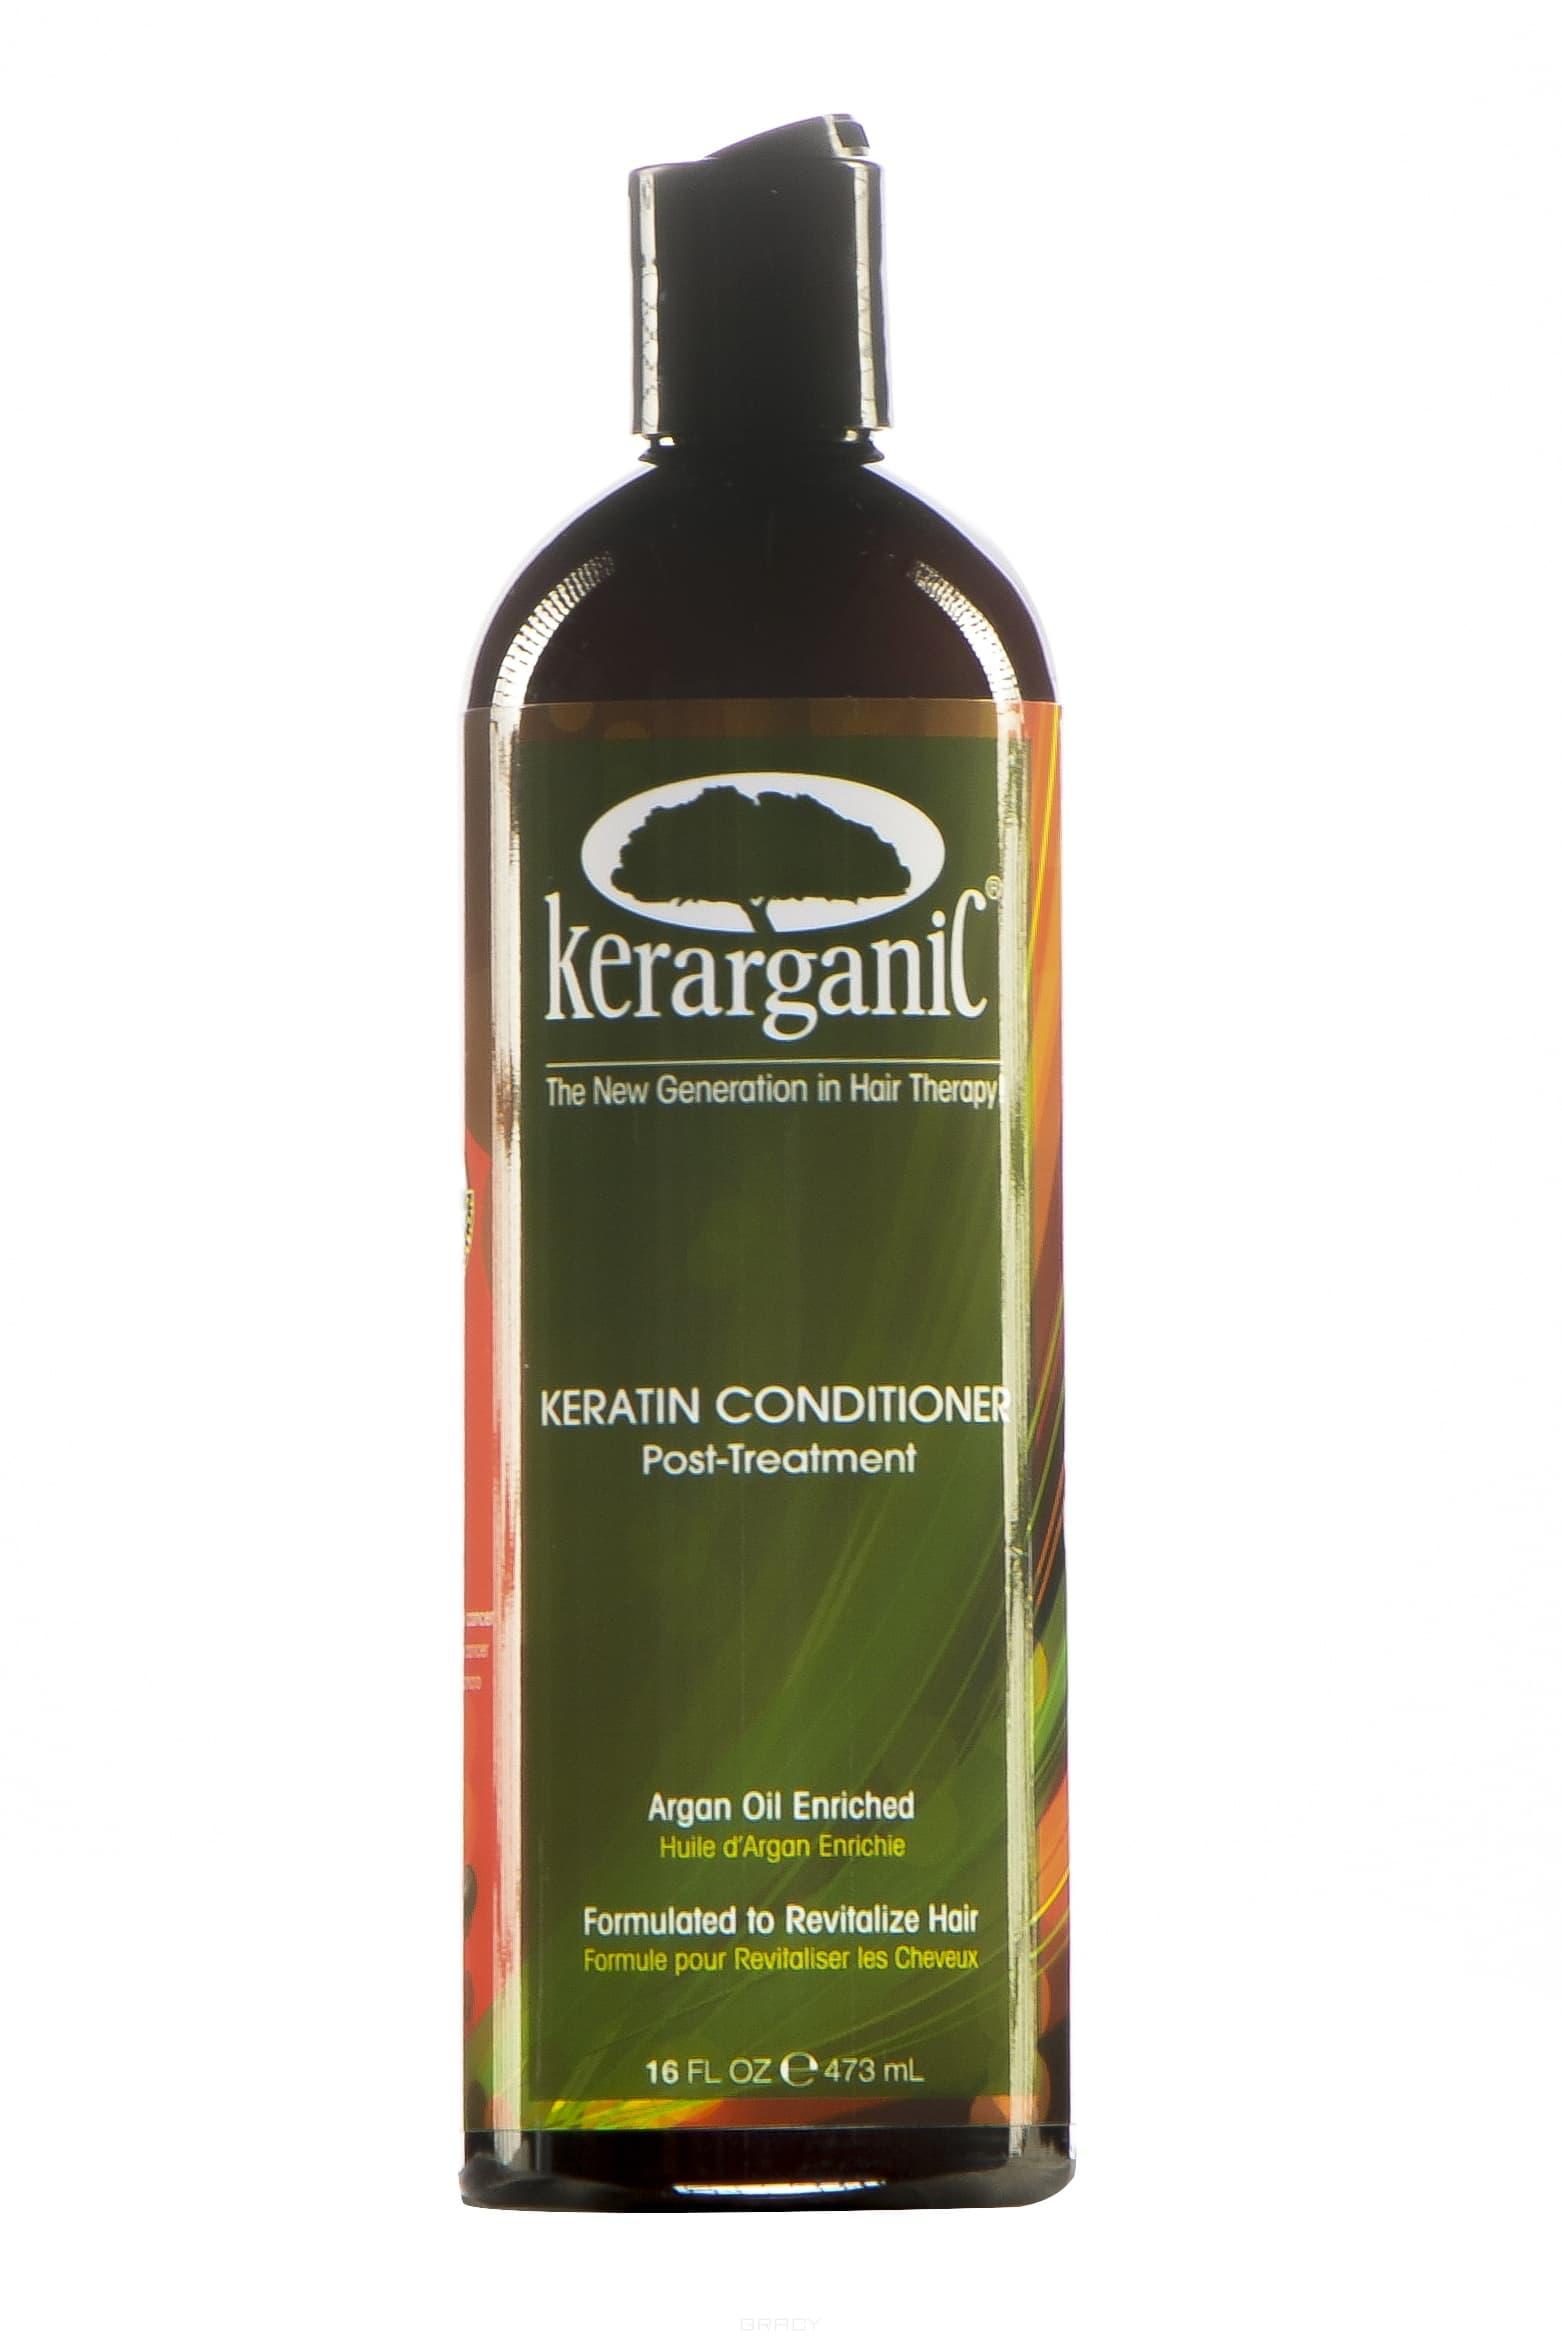 Kerarganic Кератиновый кондиционер безсульфатный для домашнего ухода